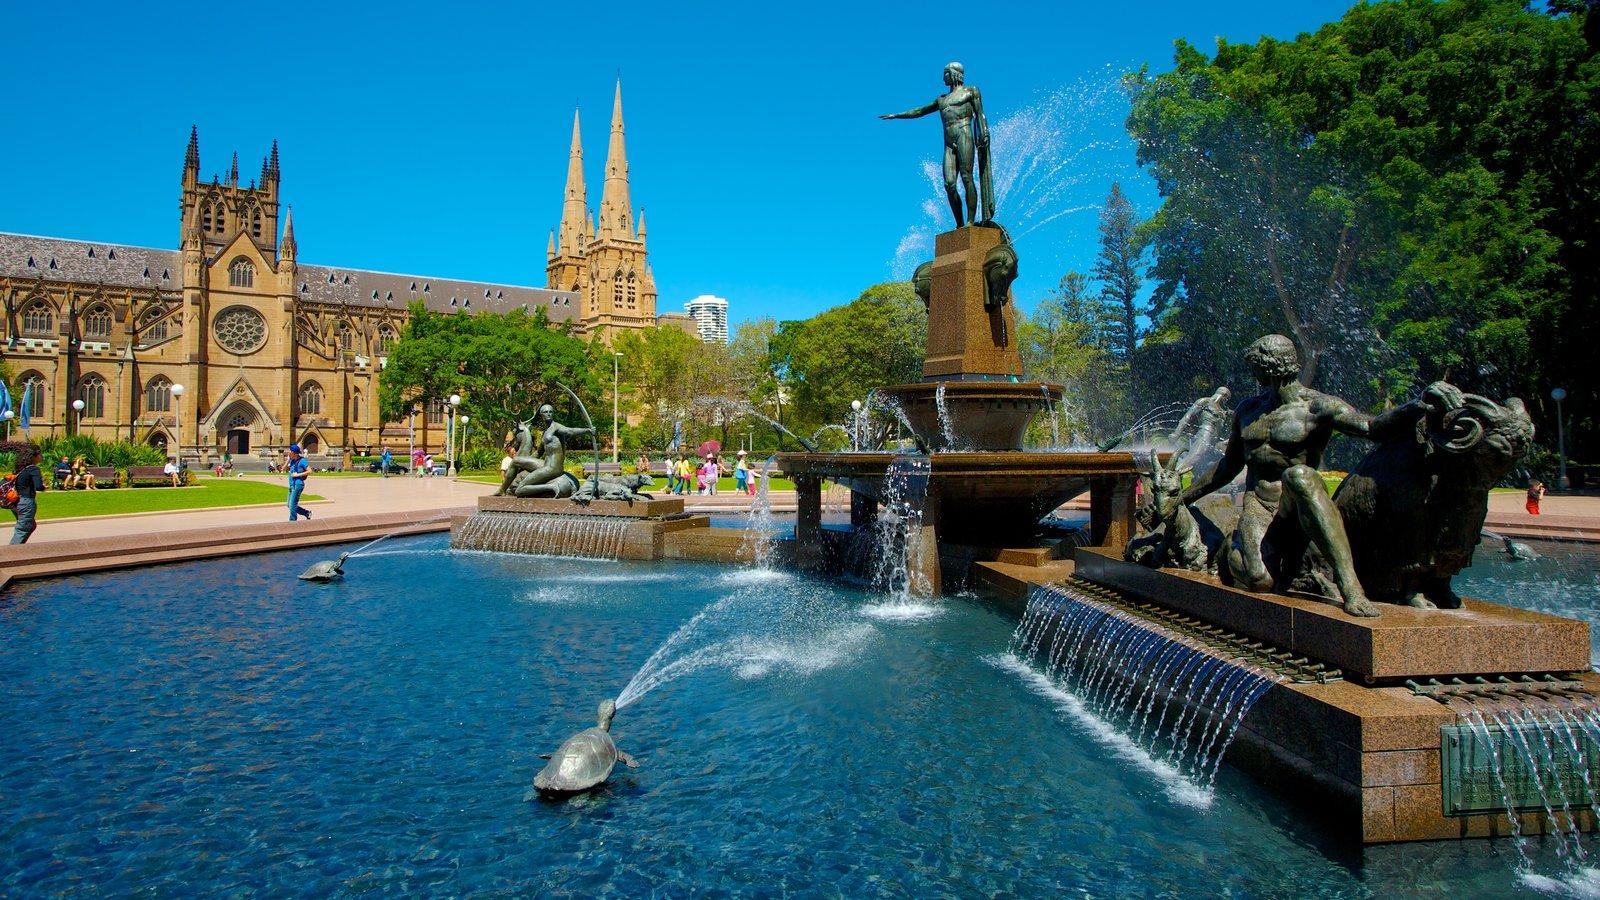 Sydney mostrando uma fonte, uma igreja ou catedral e uma estátua ou escultura